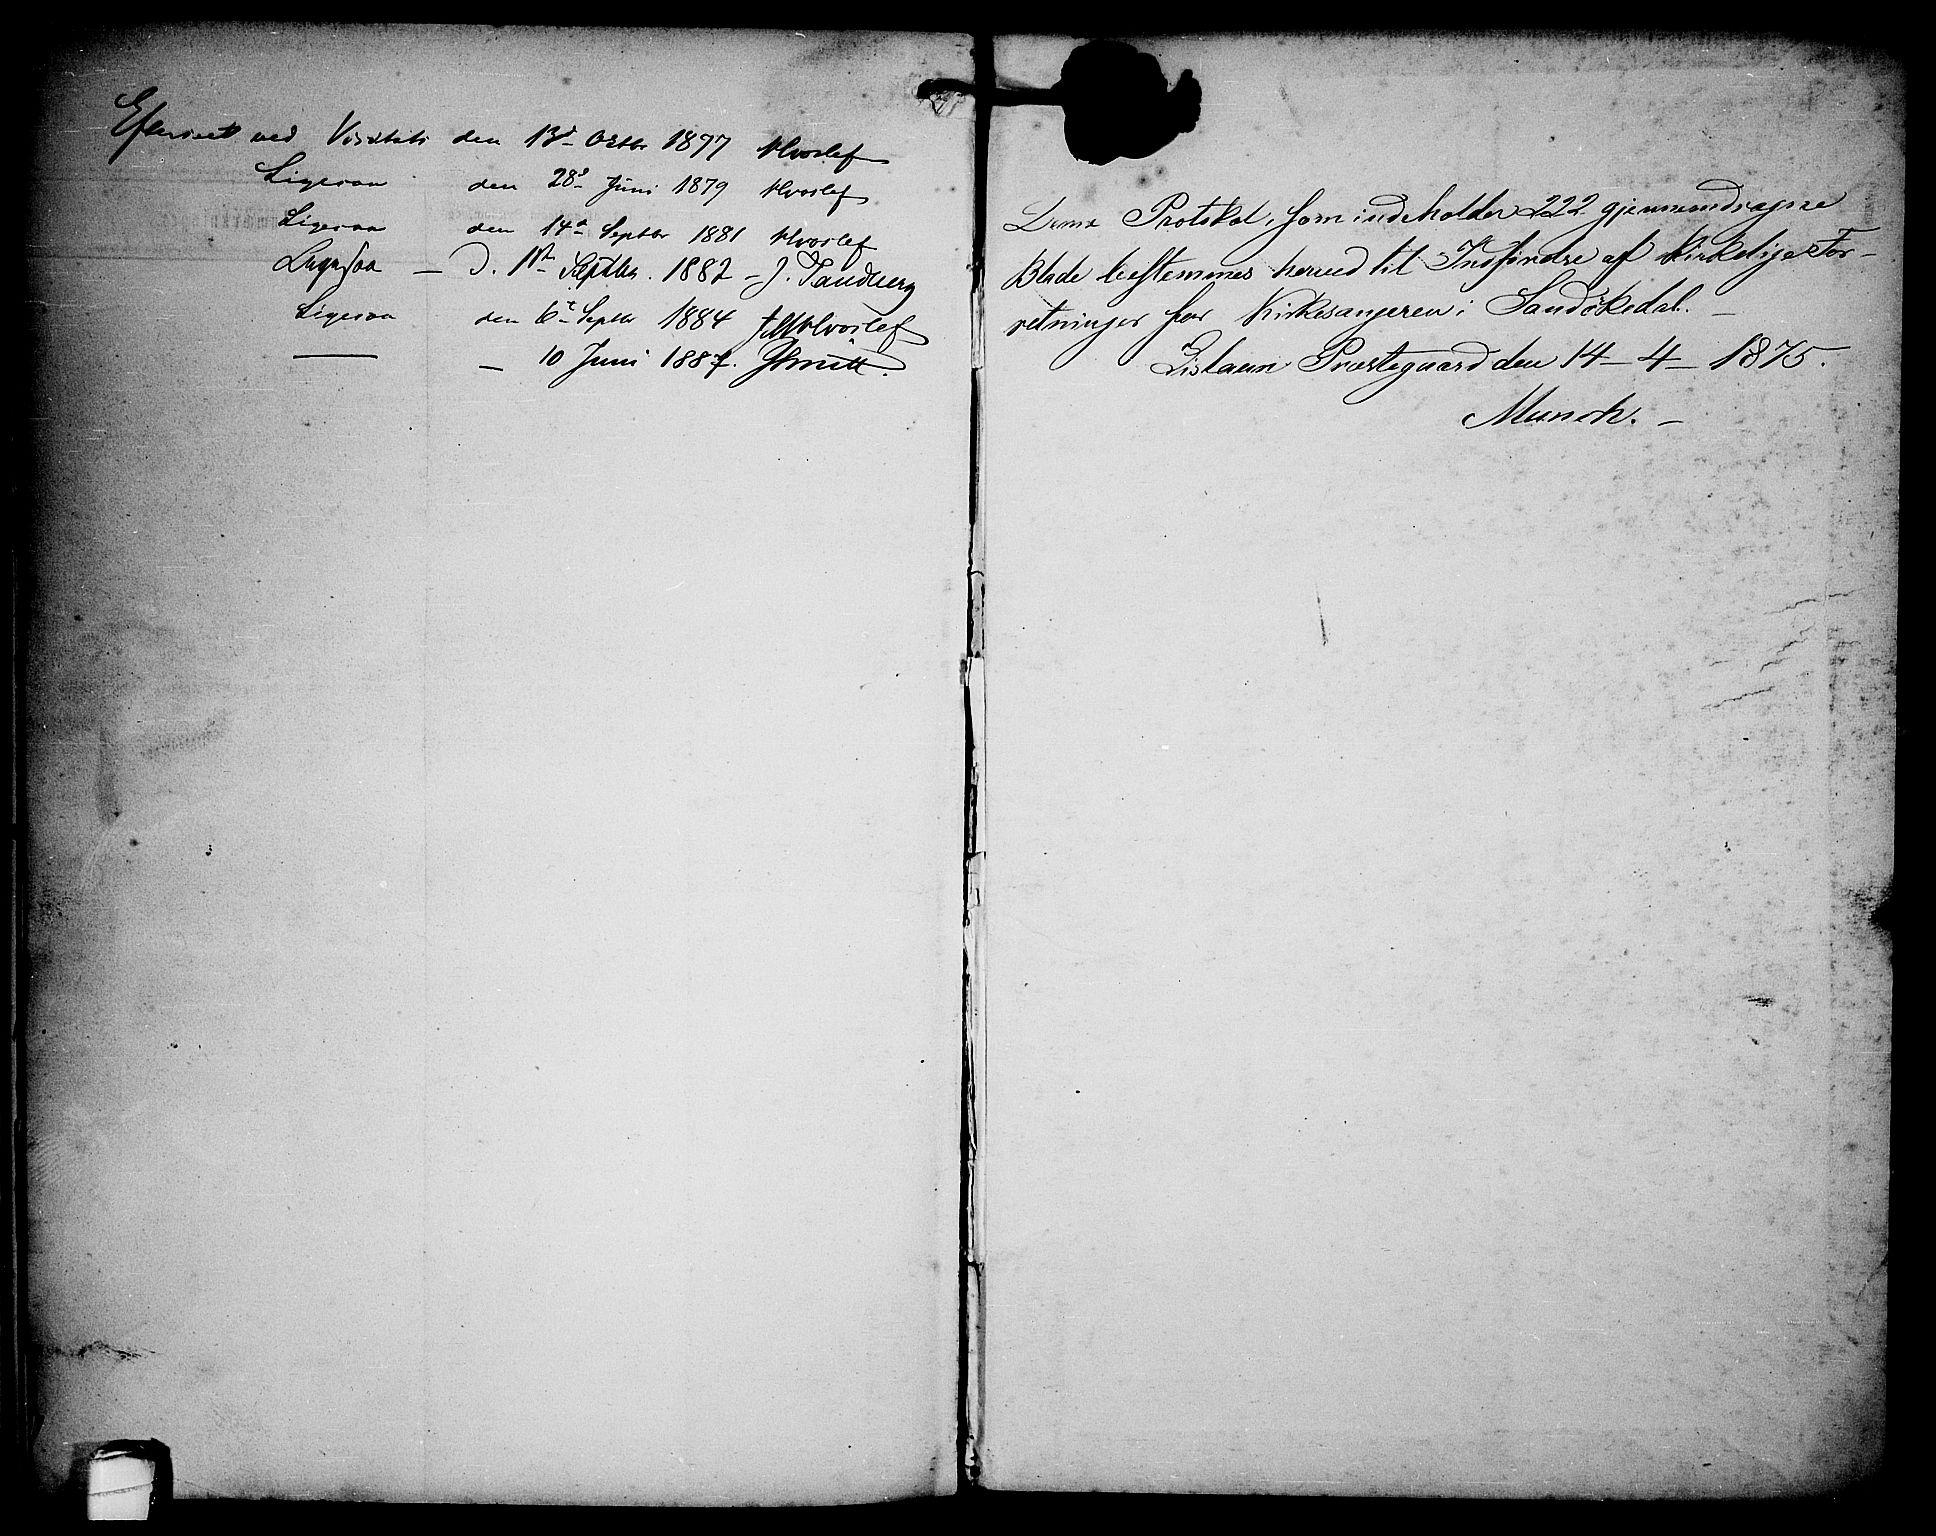 SAKO, Sannidal kirkebøker, G/Ga/L0002: Klokkerbok nr. 2, 1875-1886